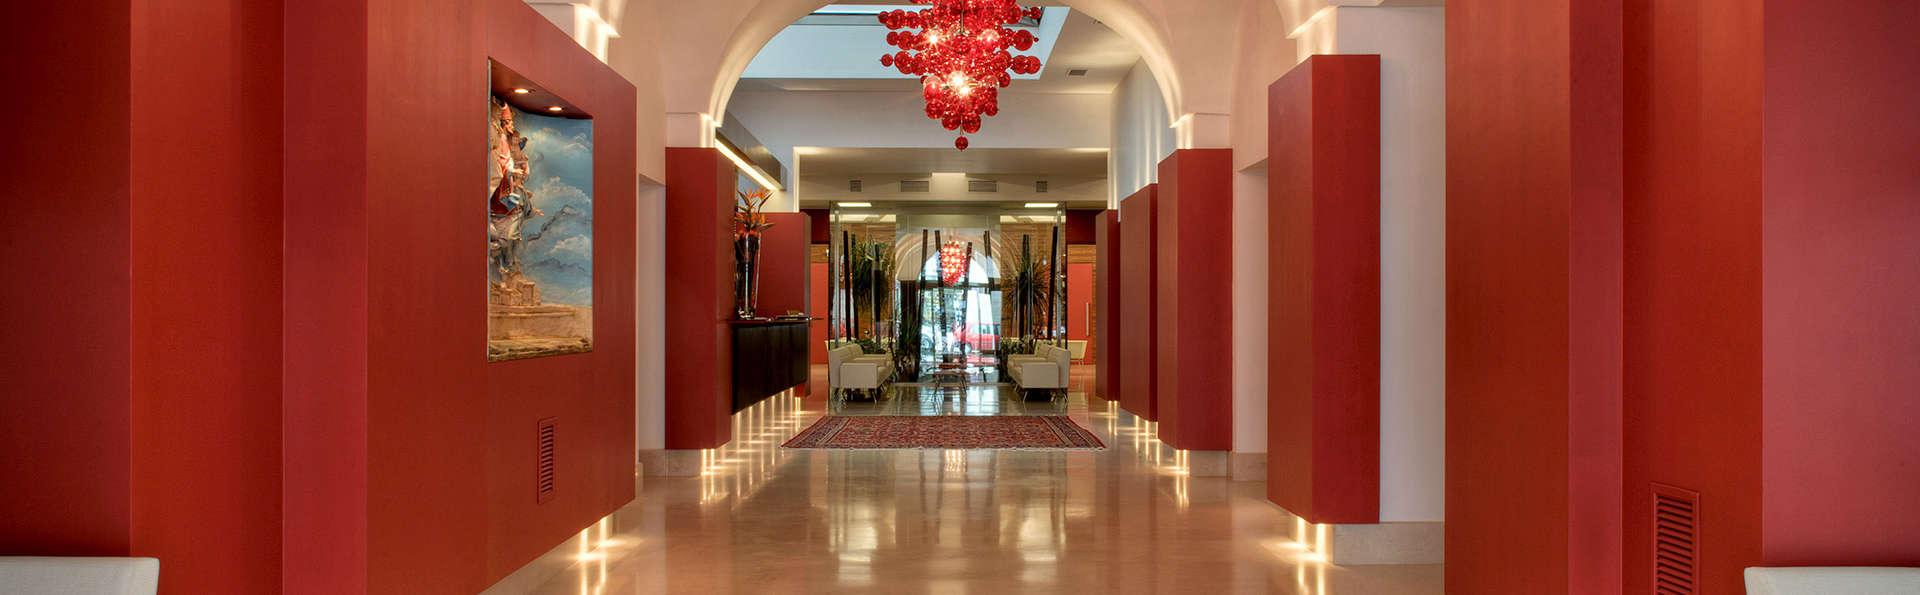 Risorgimento Resort - Edit_Hall2.jpg